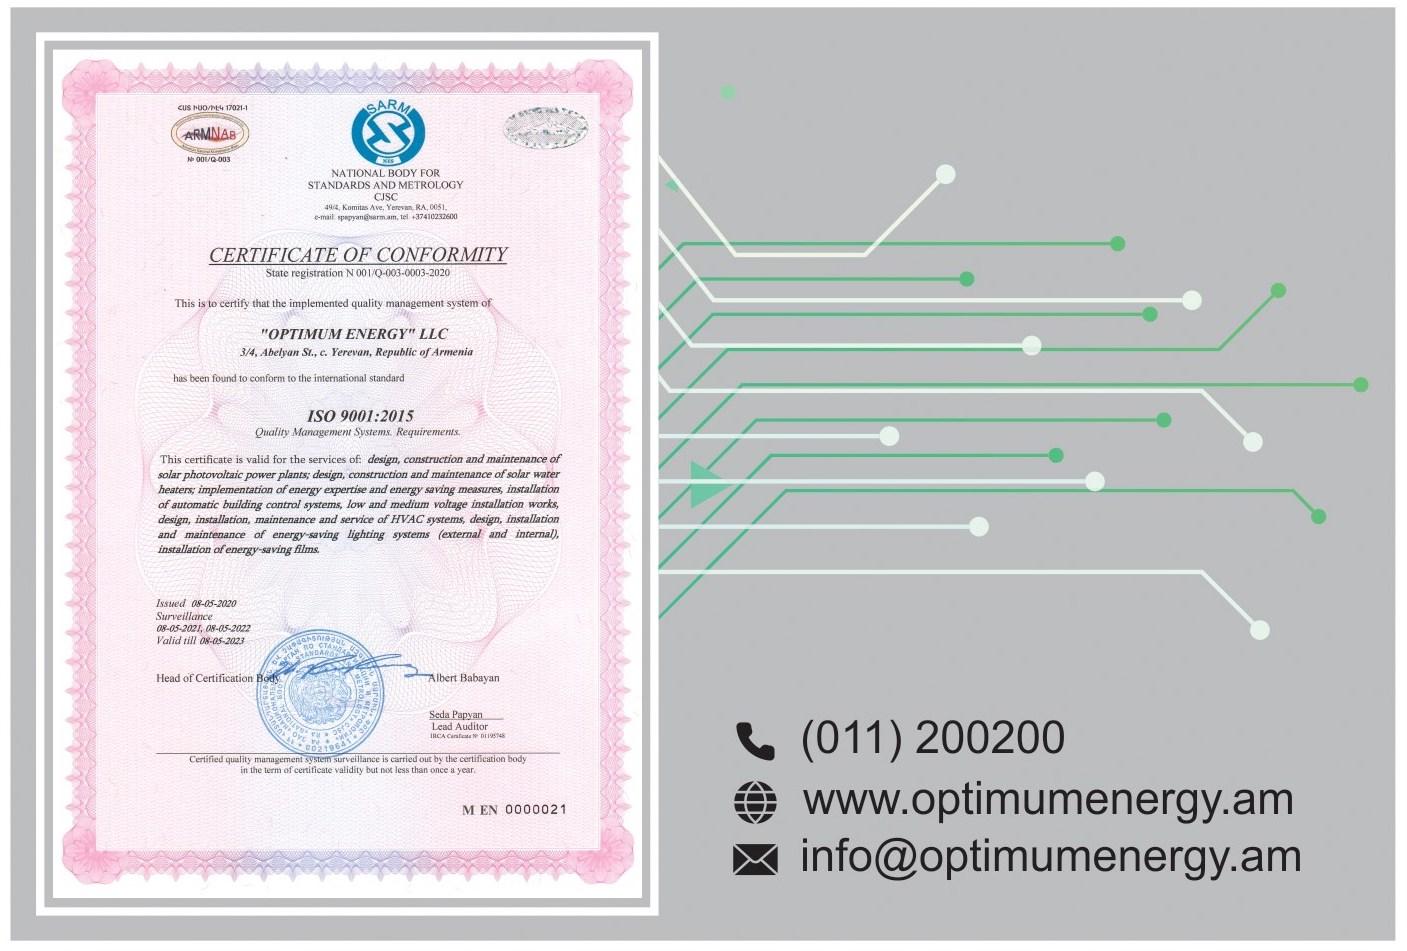 - Certificates